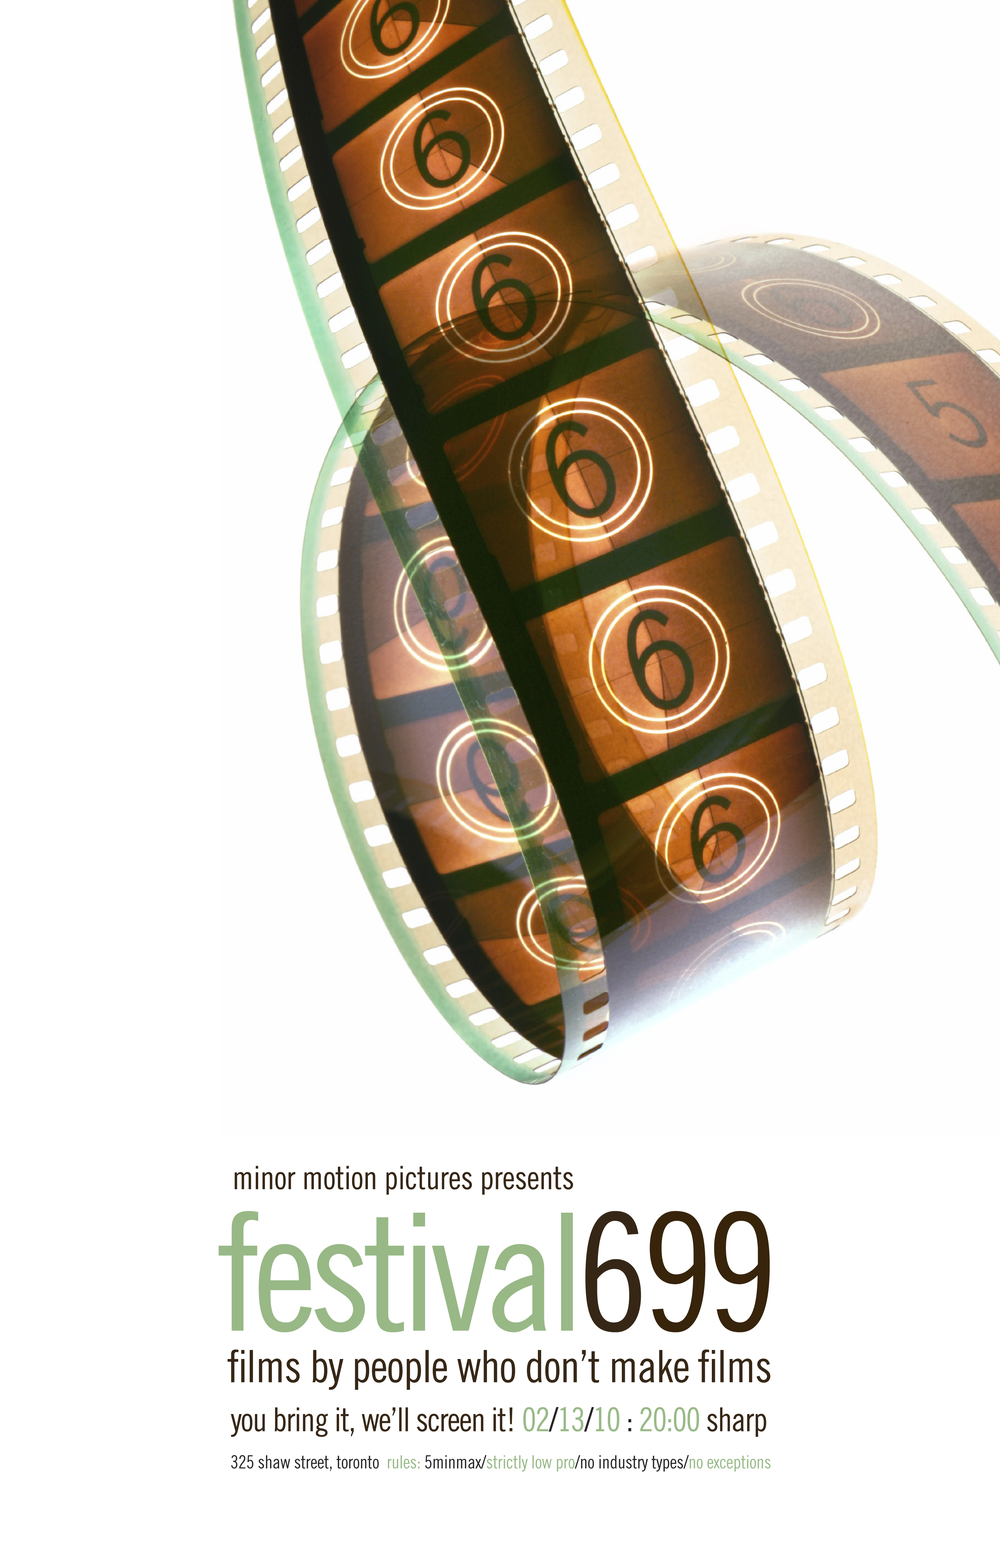 Festival699 Poster 2010